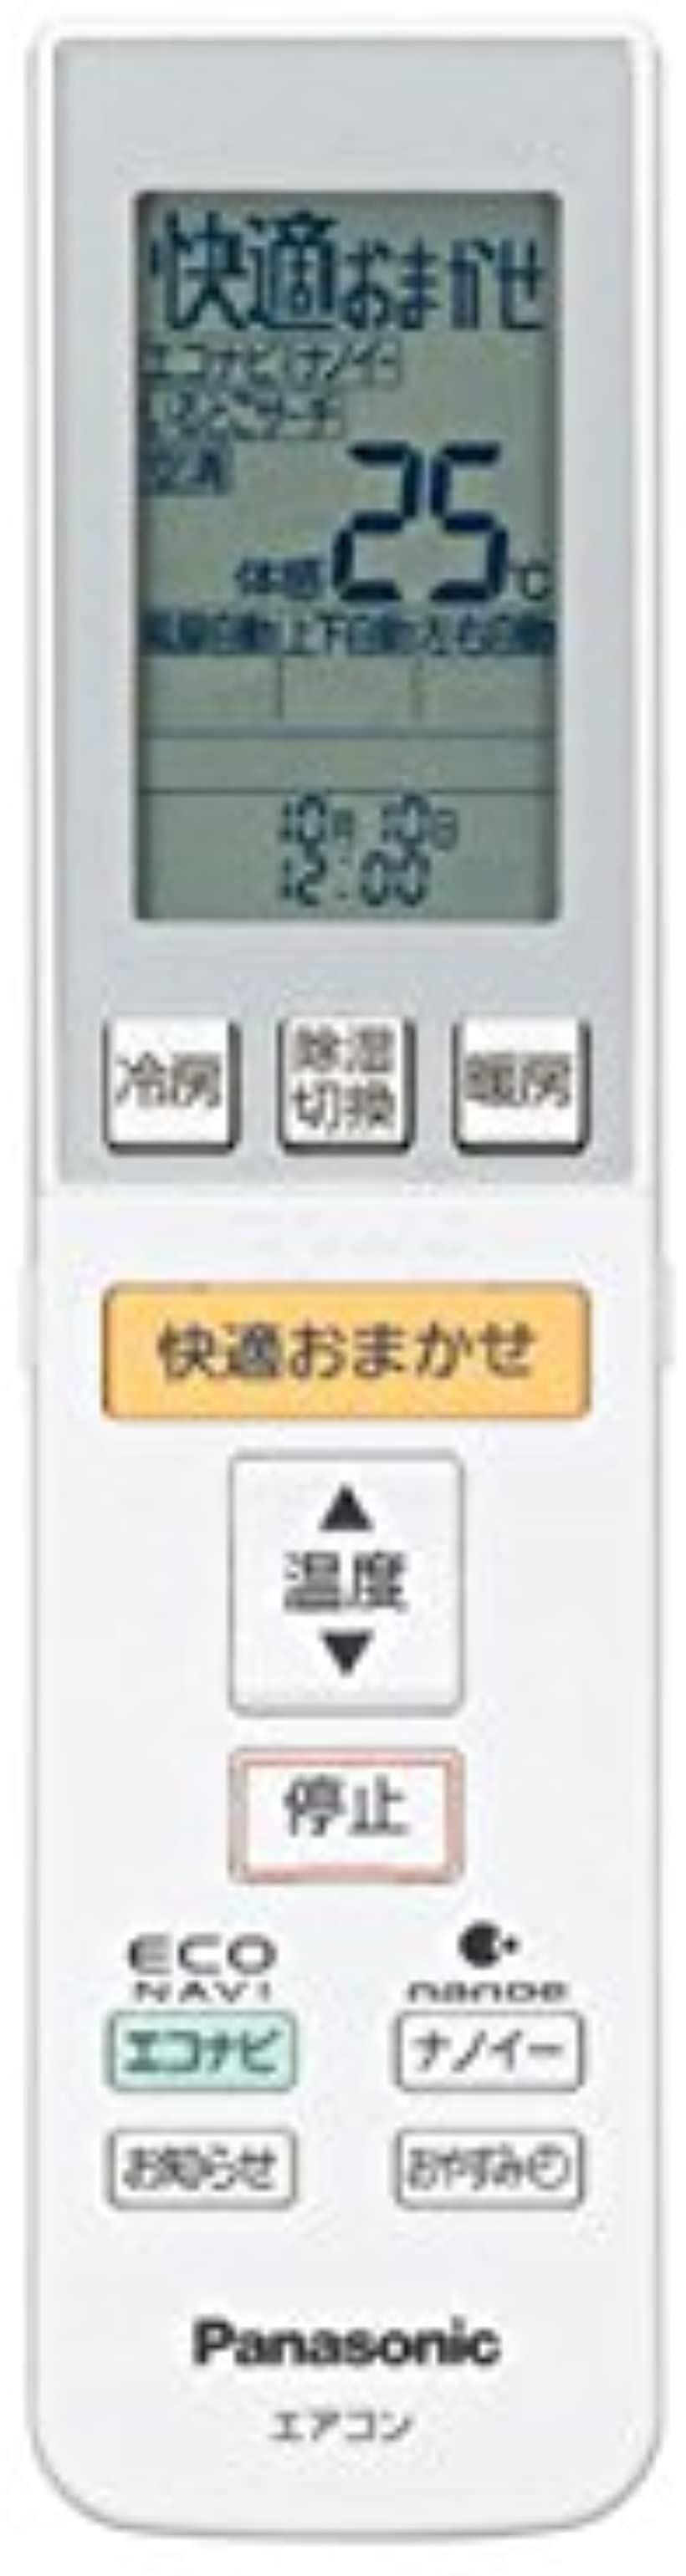 リモコン CWA75C3681X1